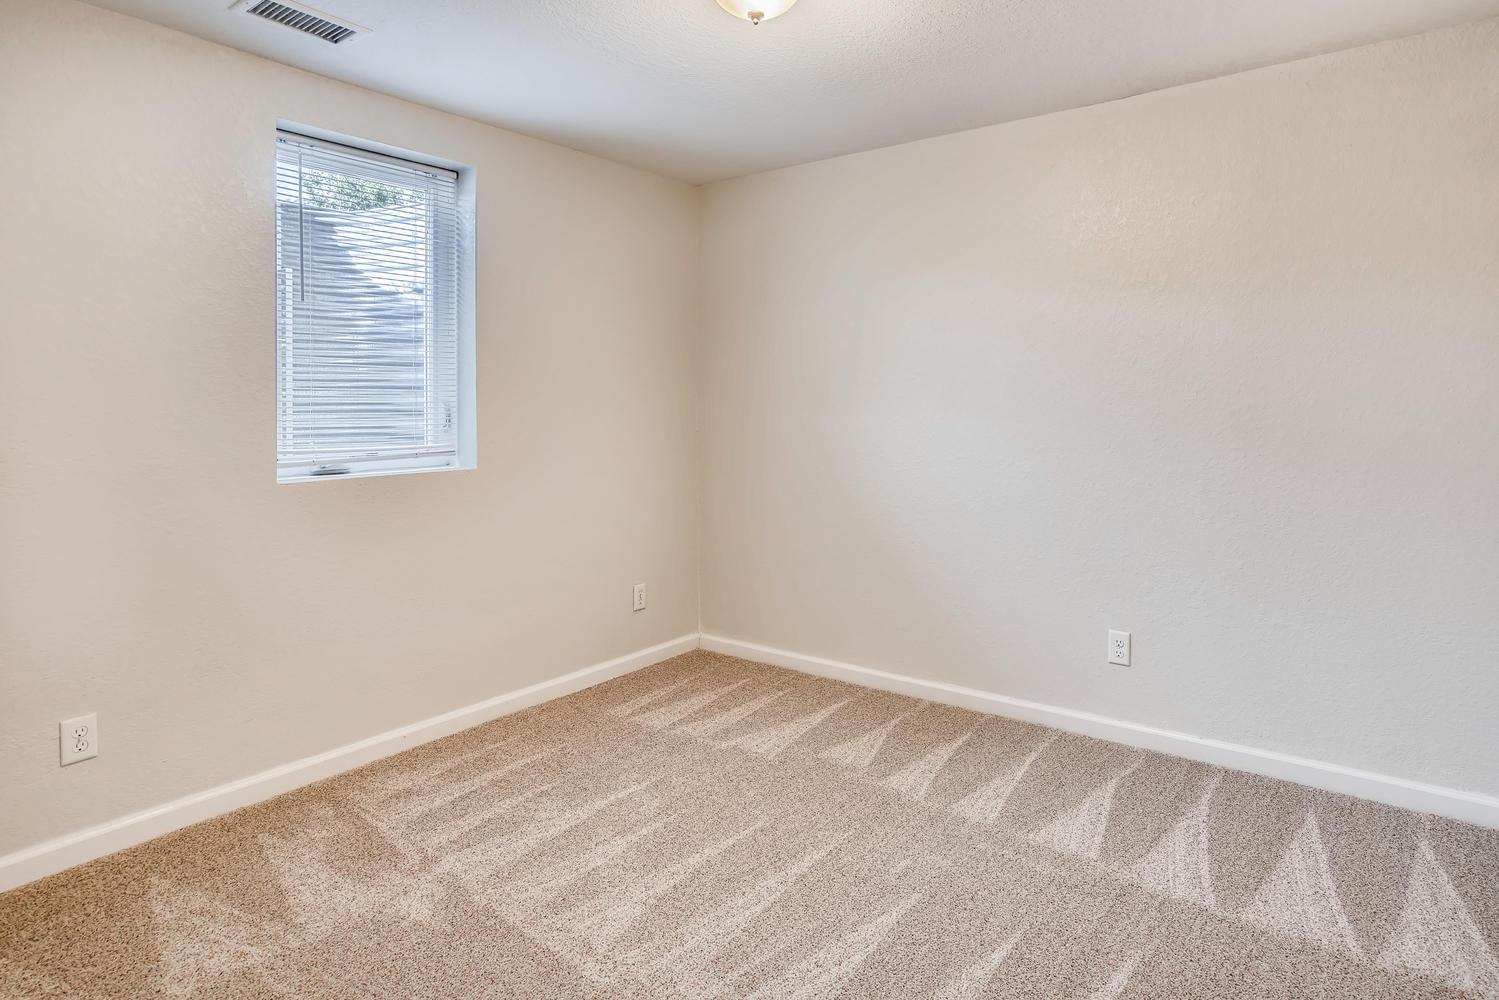 REAL ESTATE LISTING: 13040 Pensacola Place Denver Bedroom #4